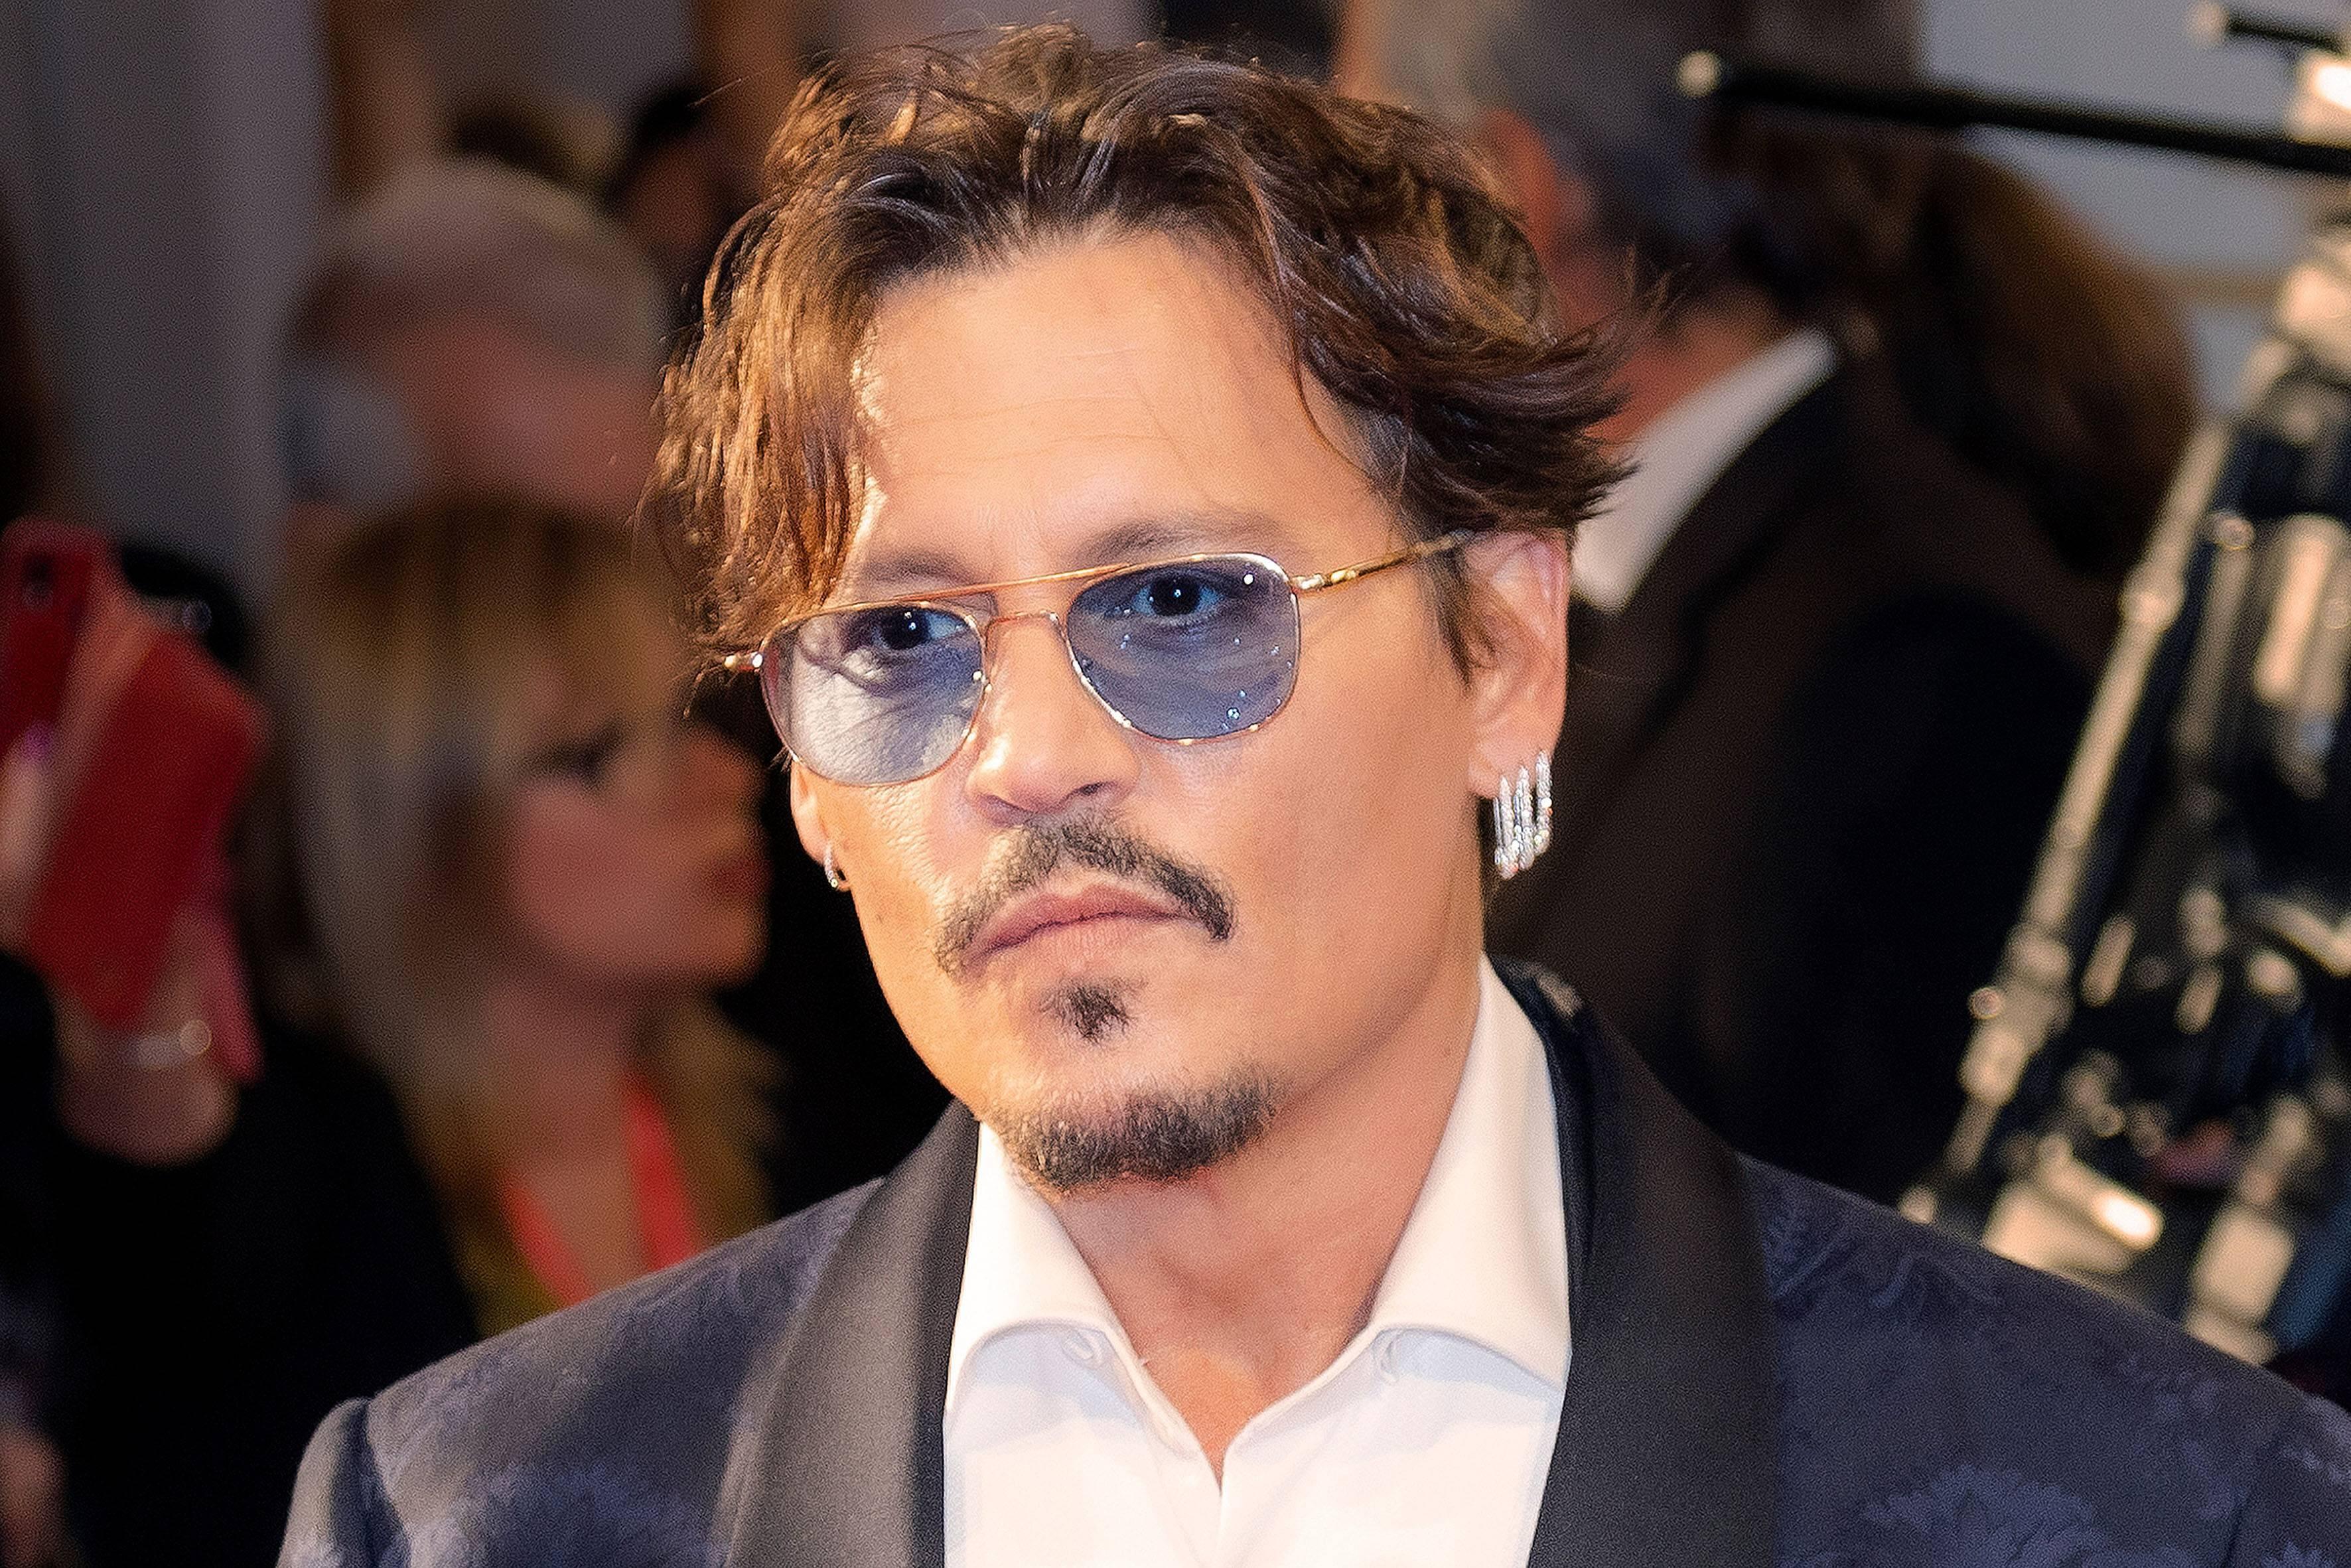 «Абсурд в медиа»: Голливуд жестко бойкотирует Джонни Деппа